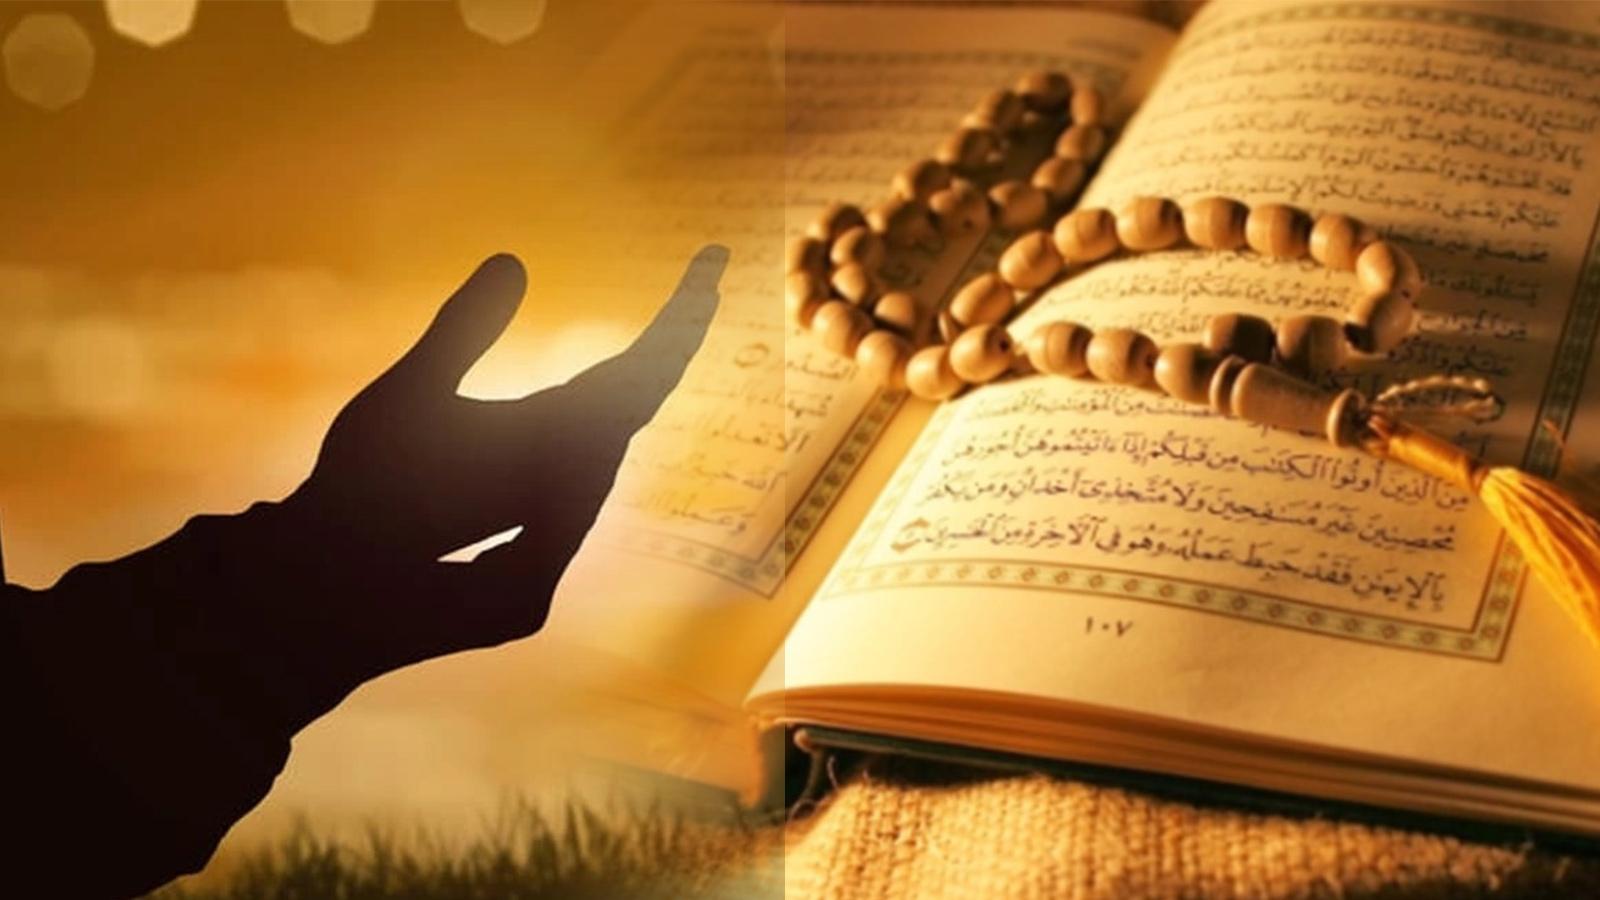 Şahmeran Duası nasıl okunur? Ramazan ayında şahmeran duası yararları ve faziletleri nelerdir?